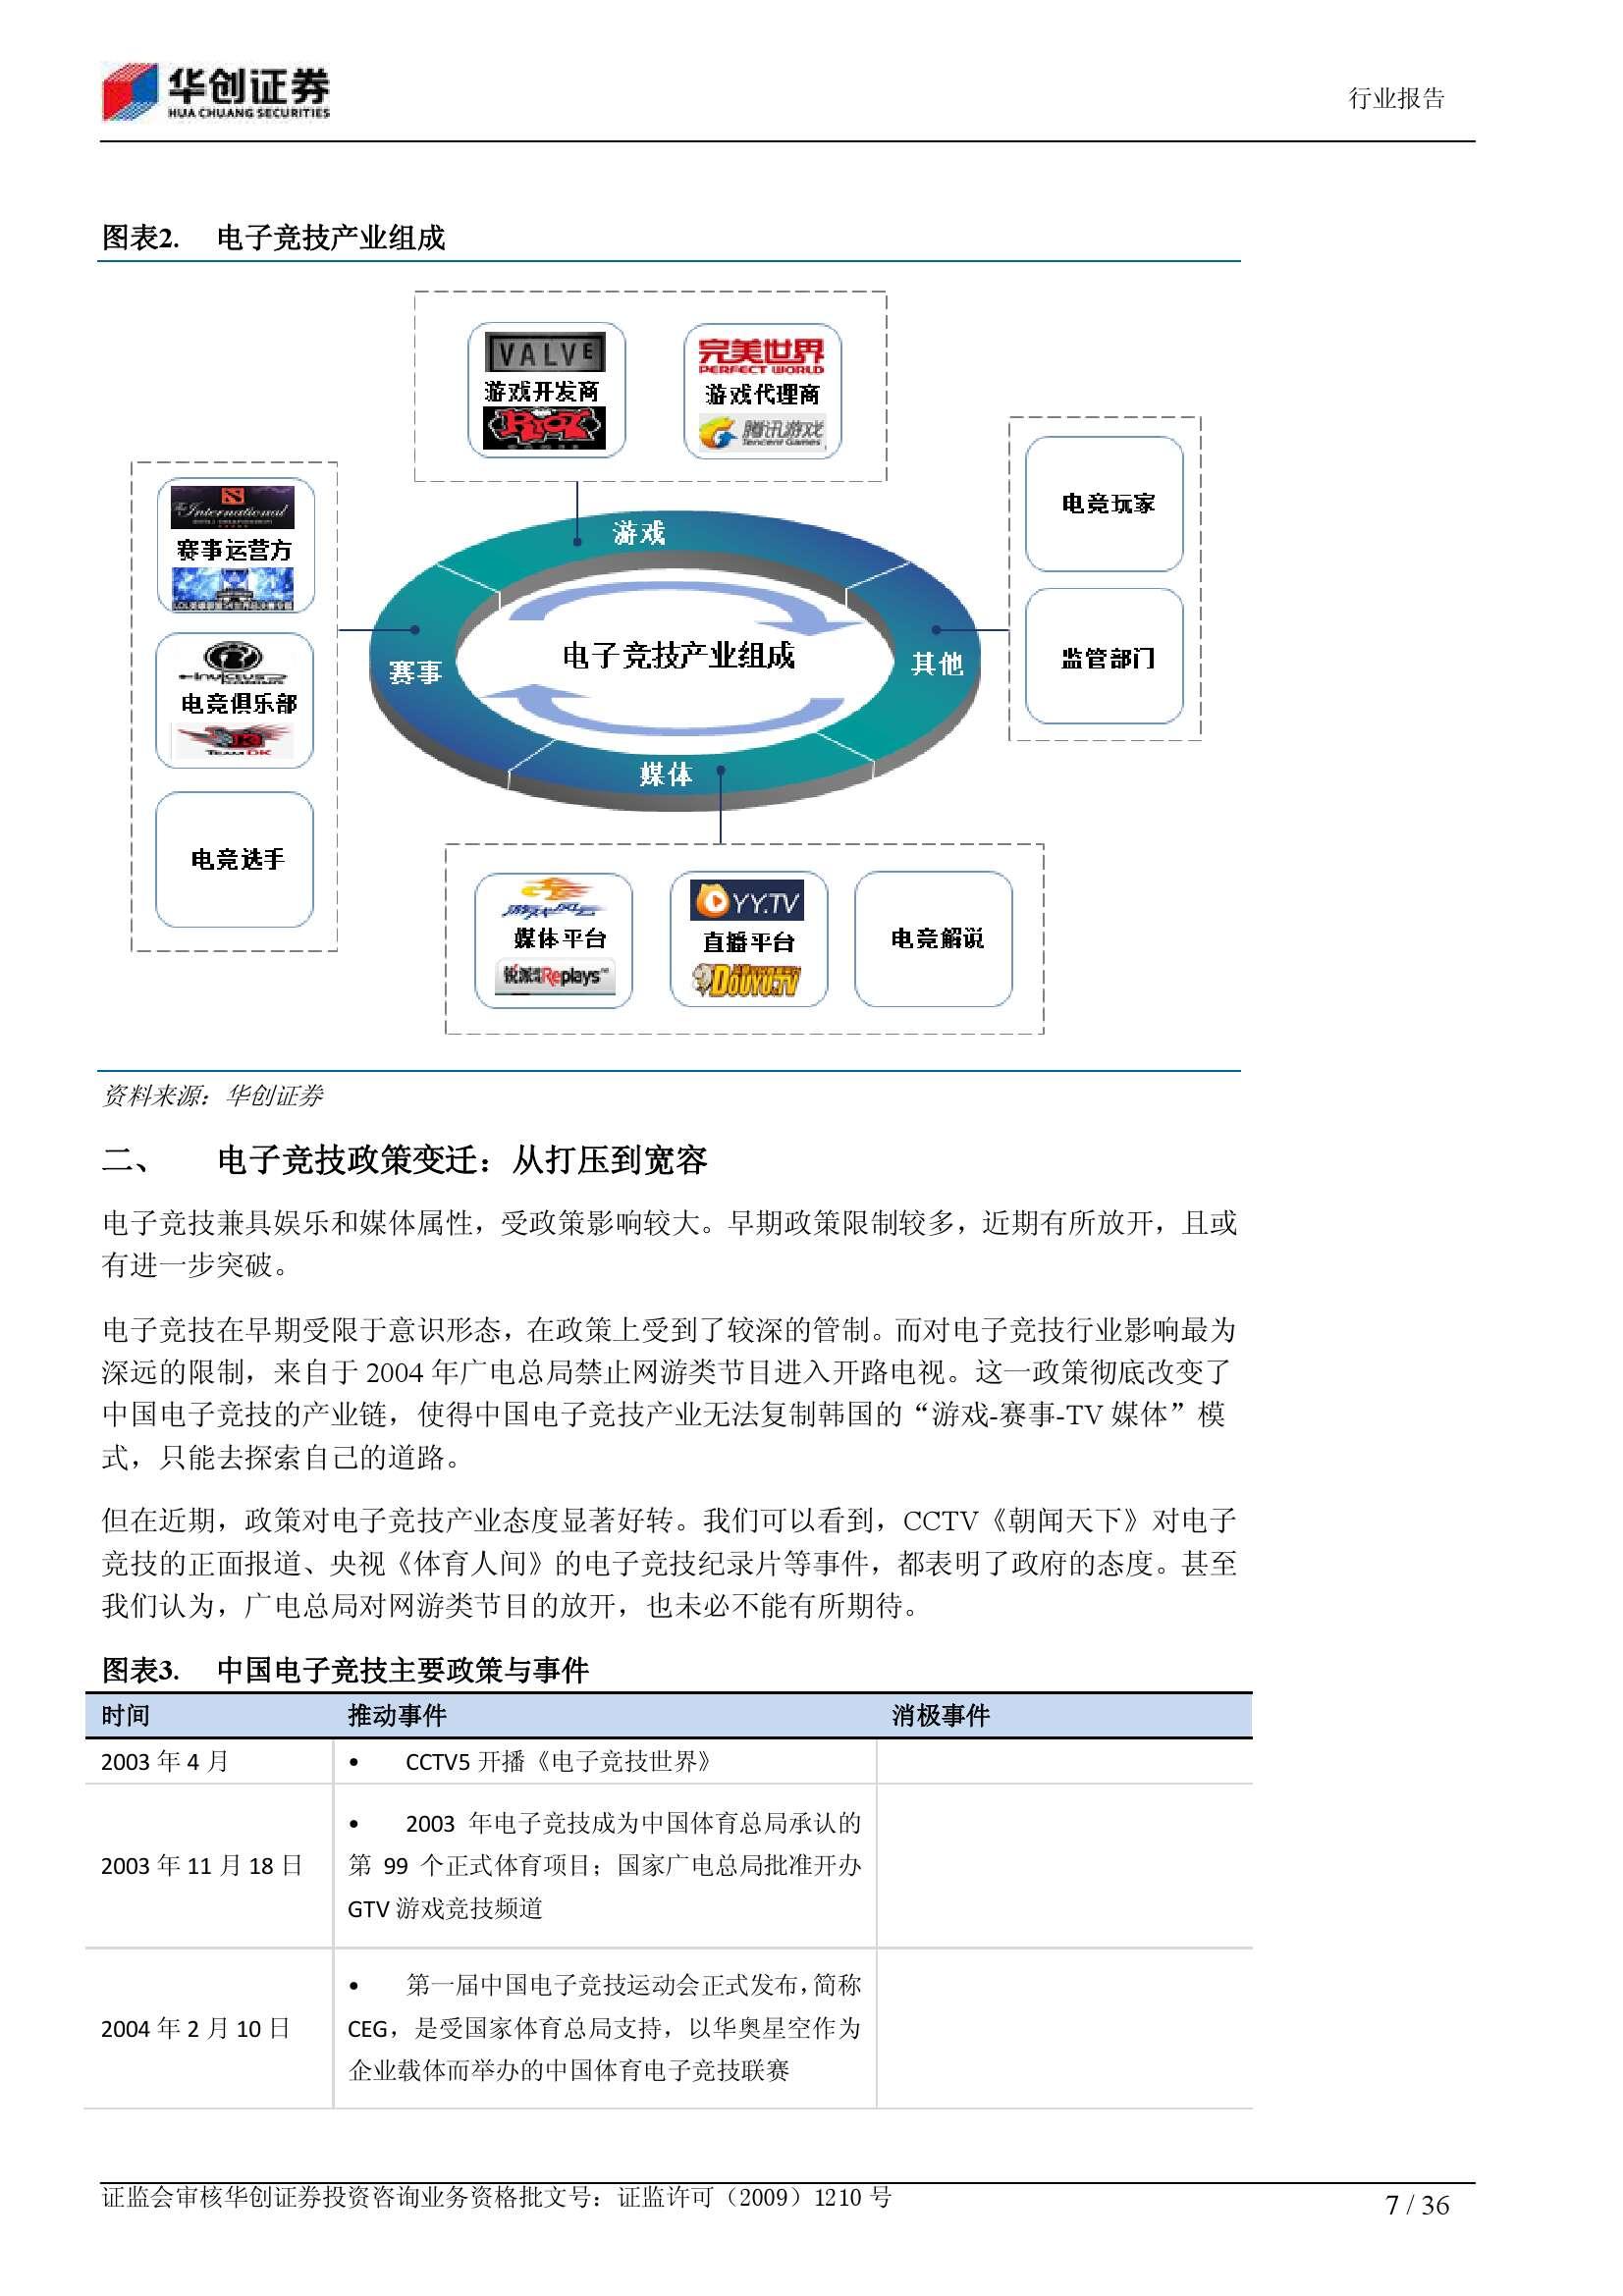 电子竞技深度报告:从小众娱乐 到千亿产业_000007